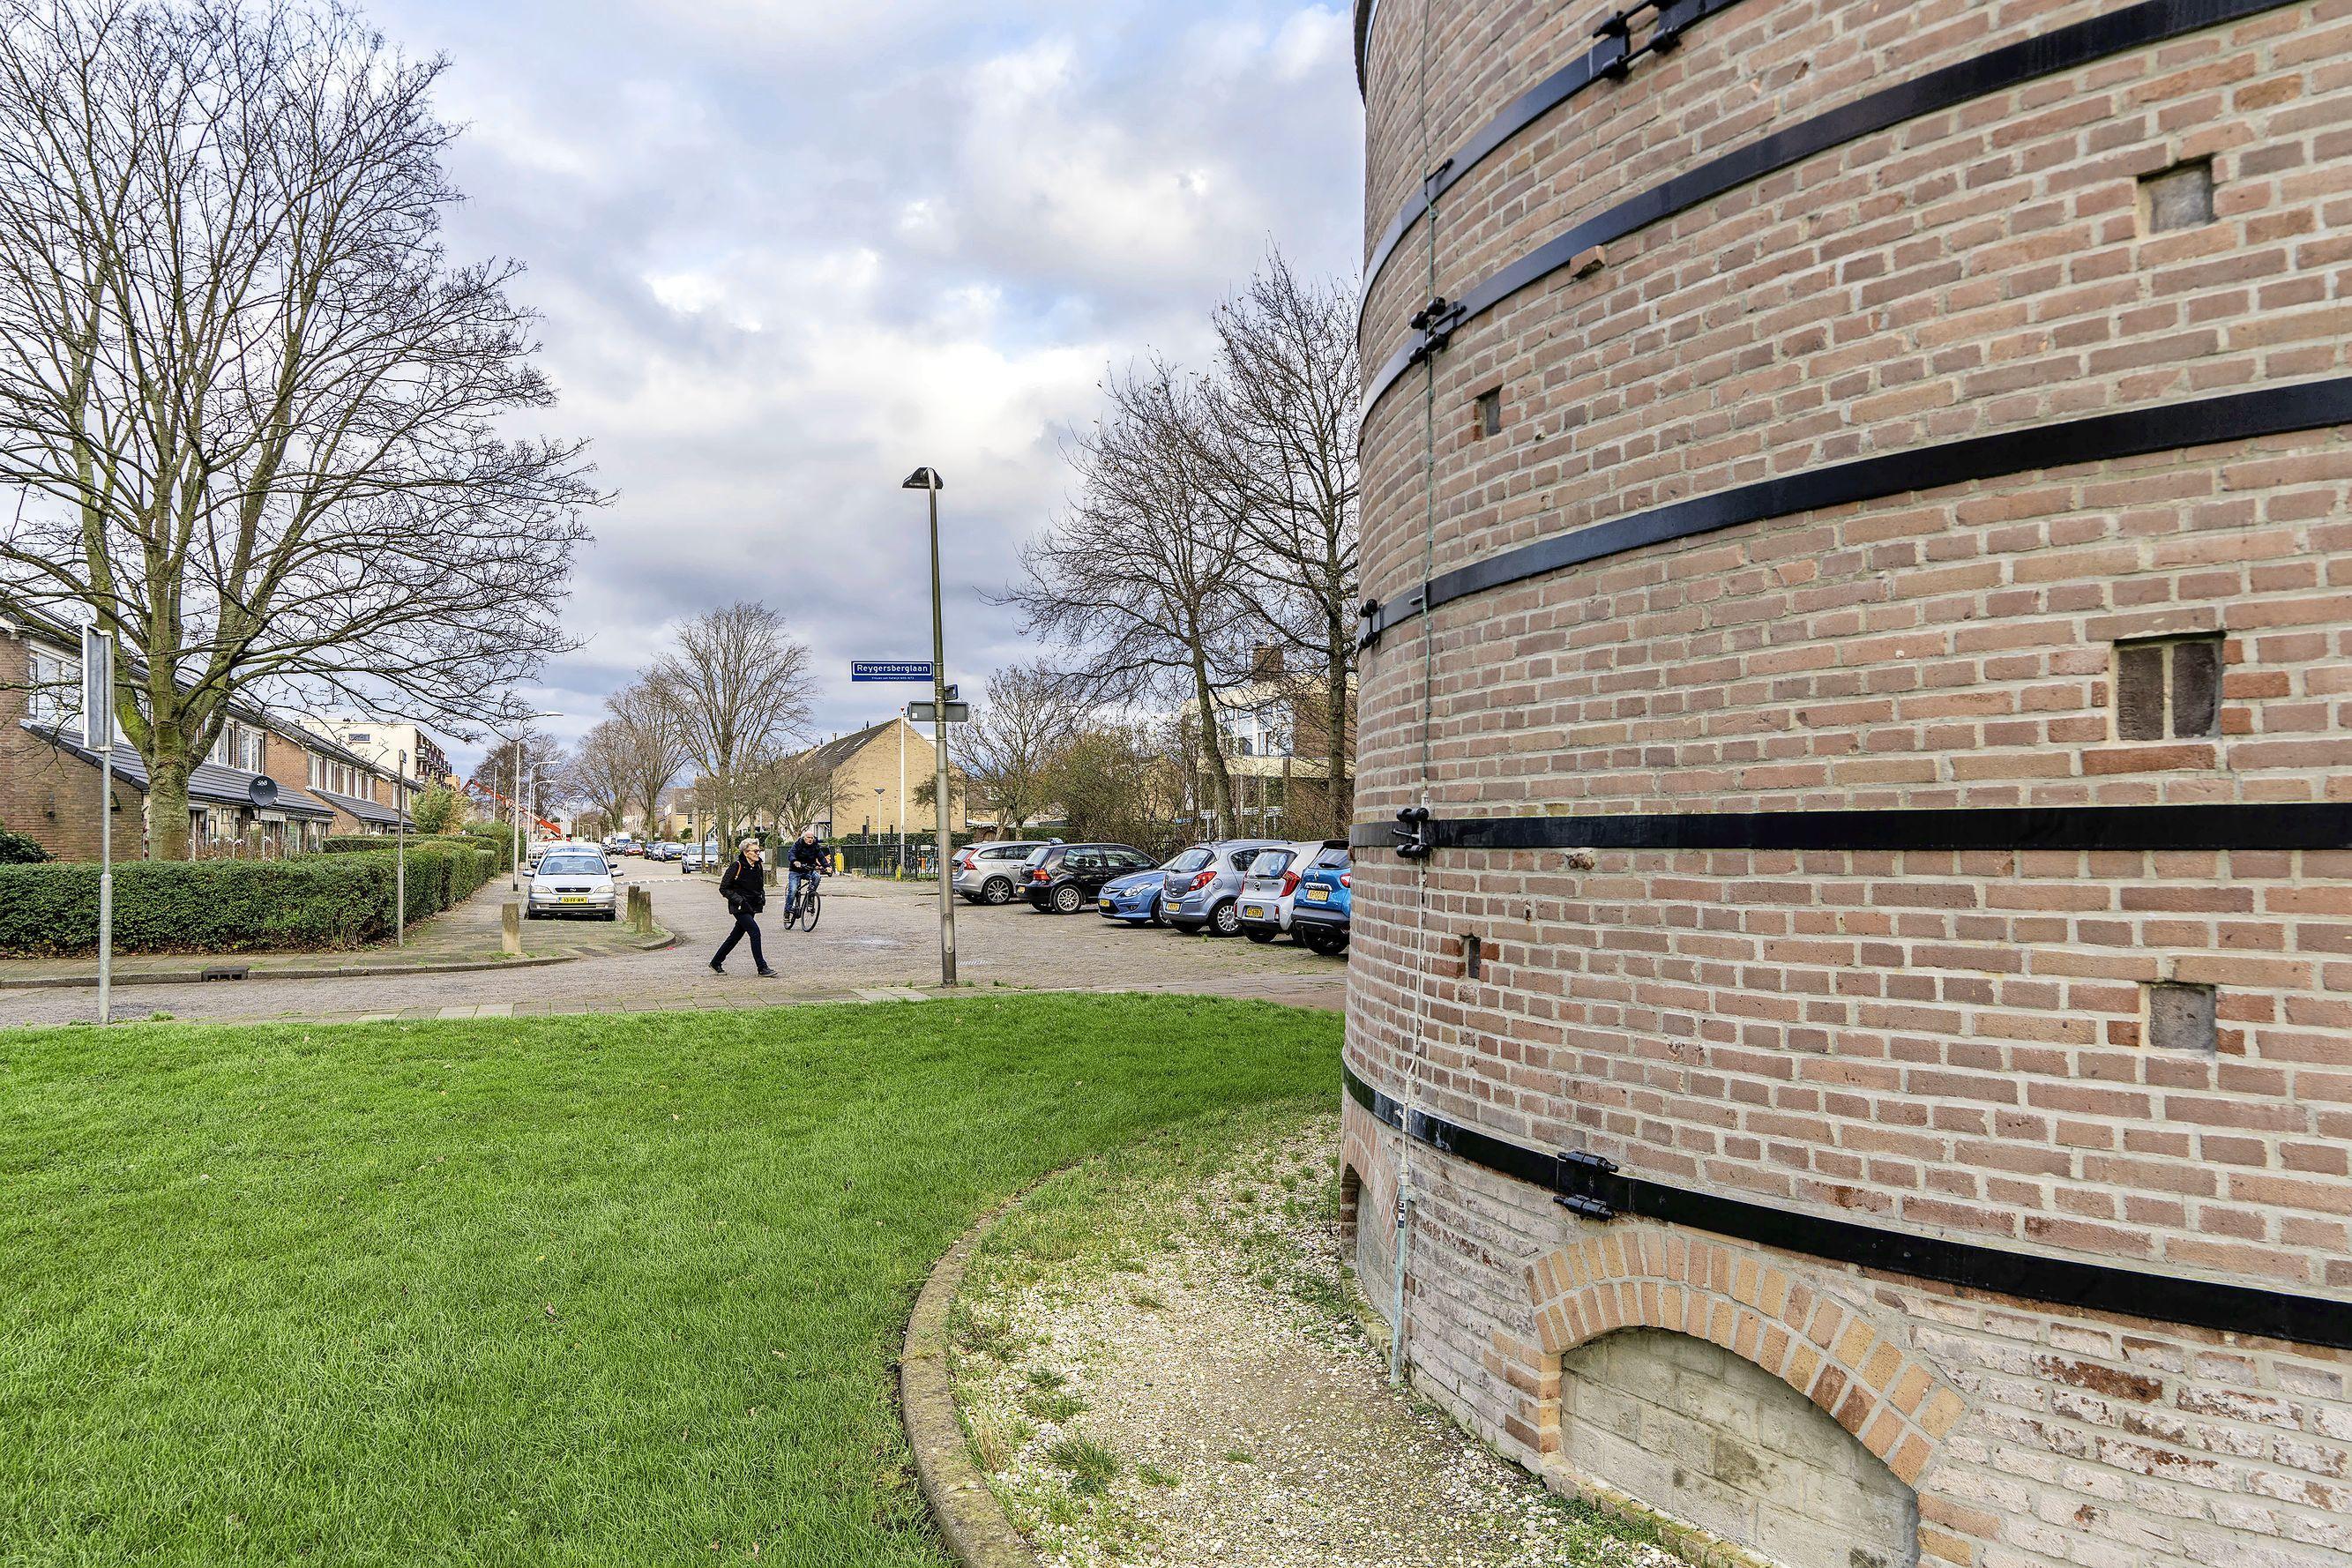 'Denk mee' vraagt gemeente Katwijk over ontwikkeling van wijk de Hoornes